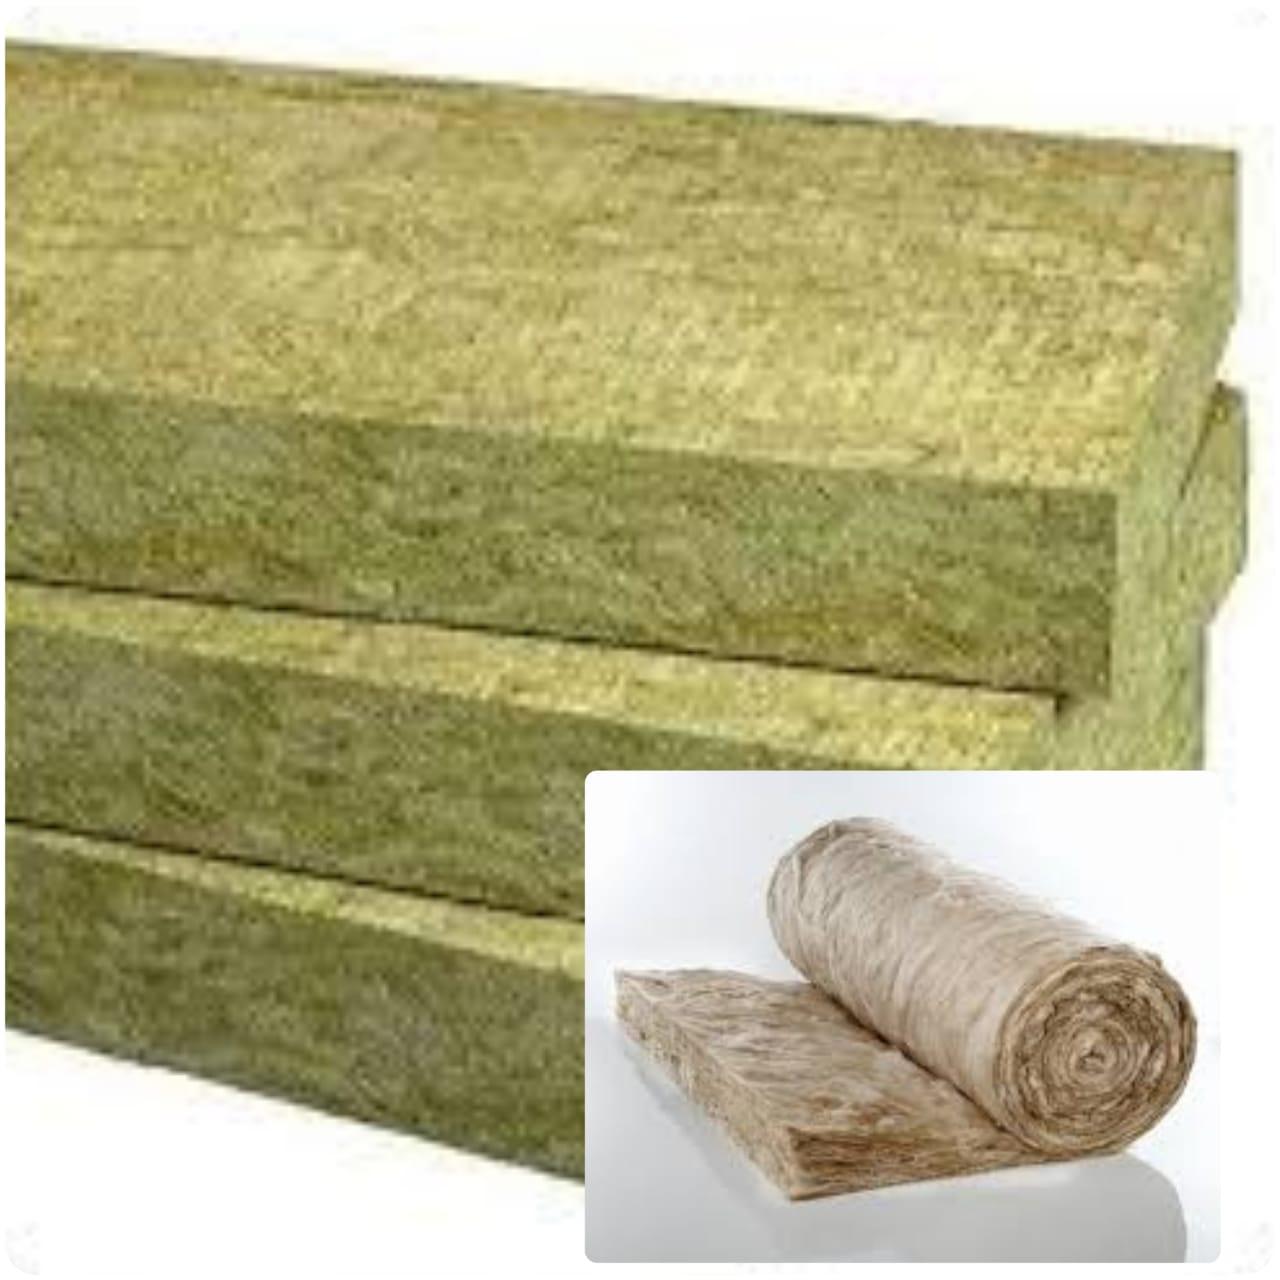 минеральная вата в качестве утеплителя для внутренних стен